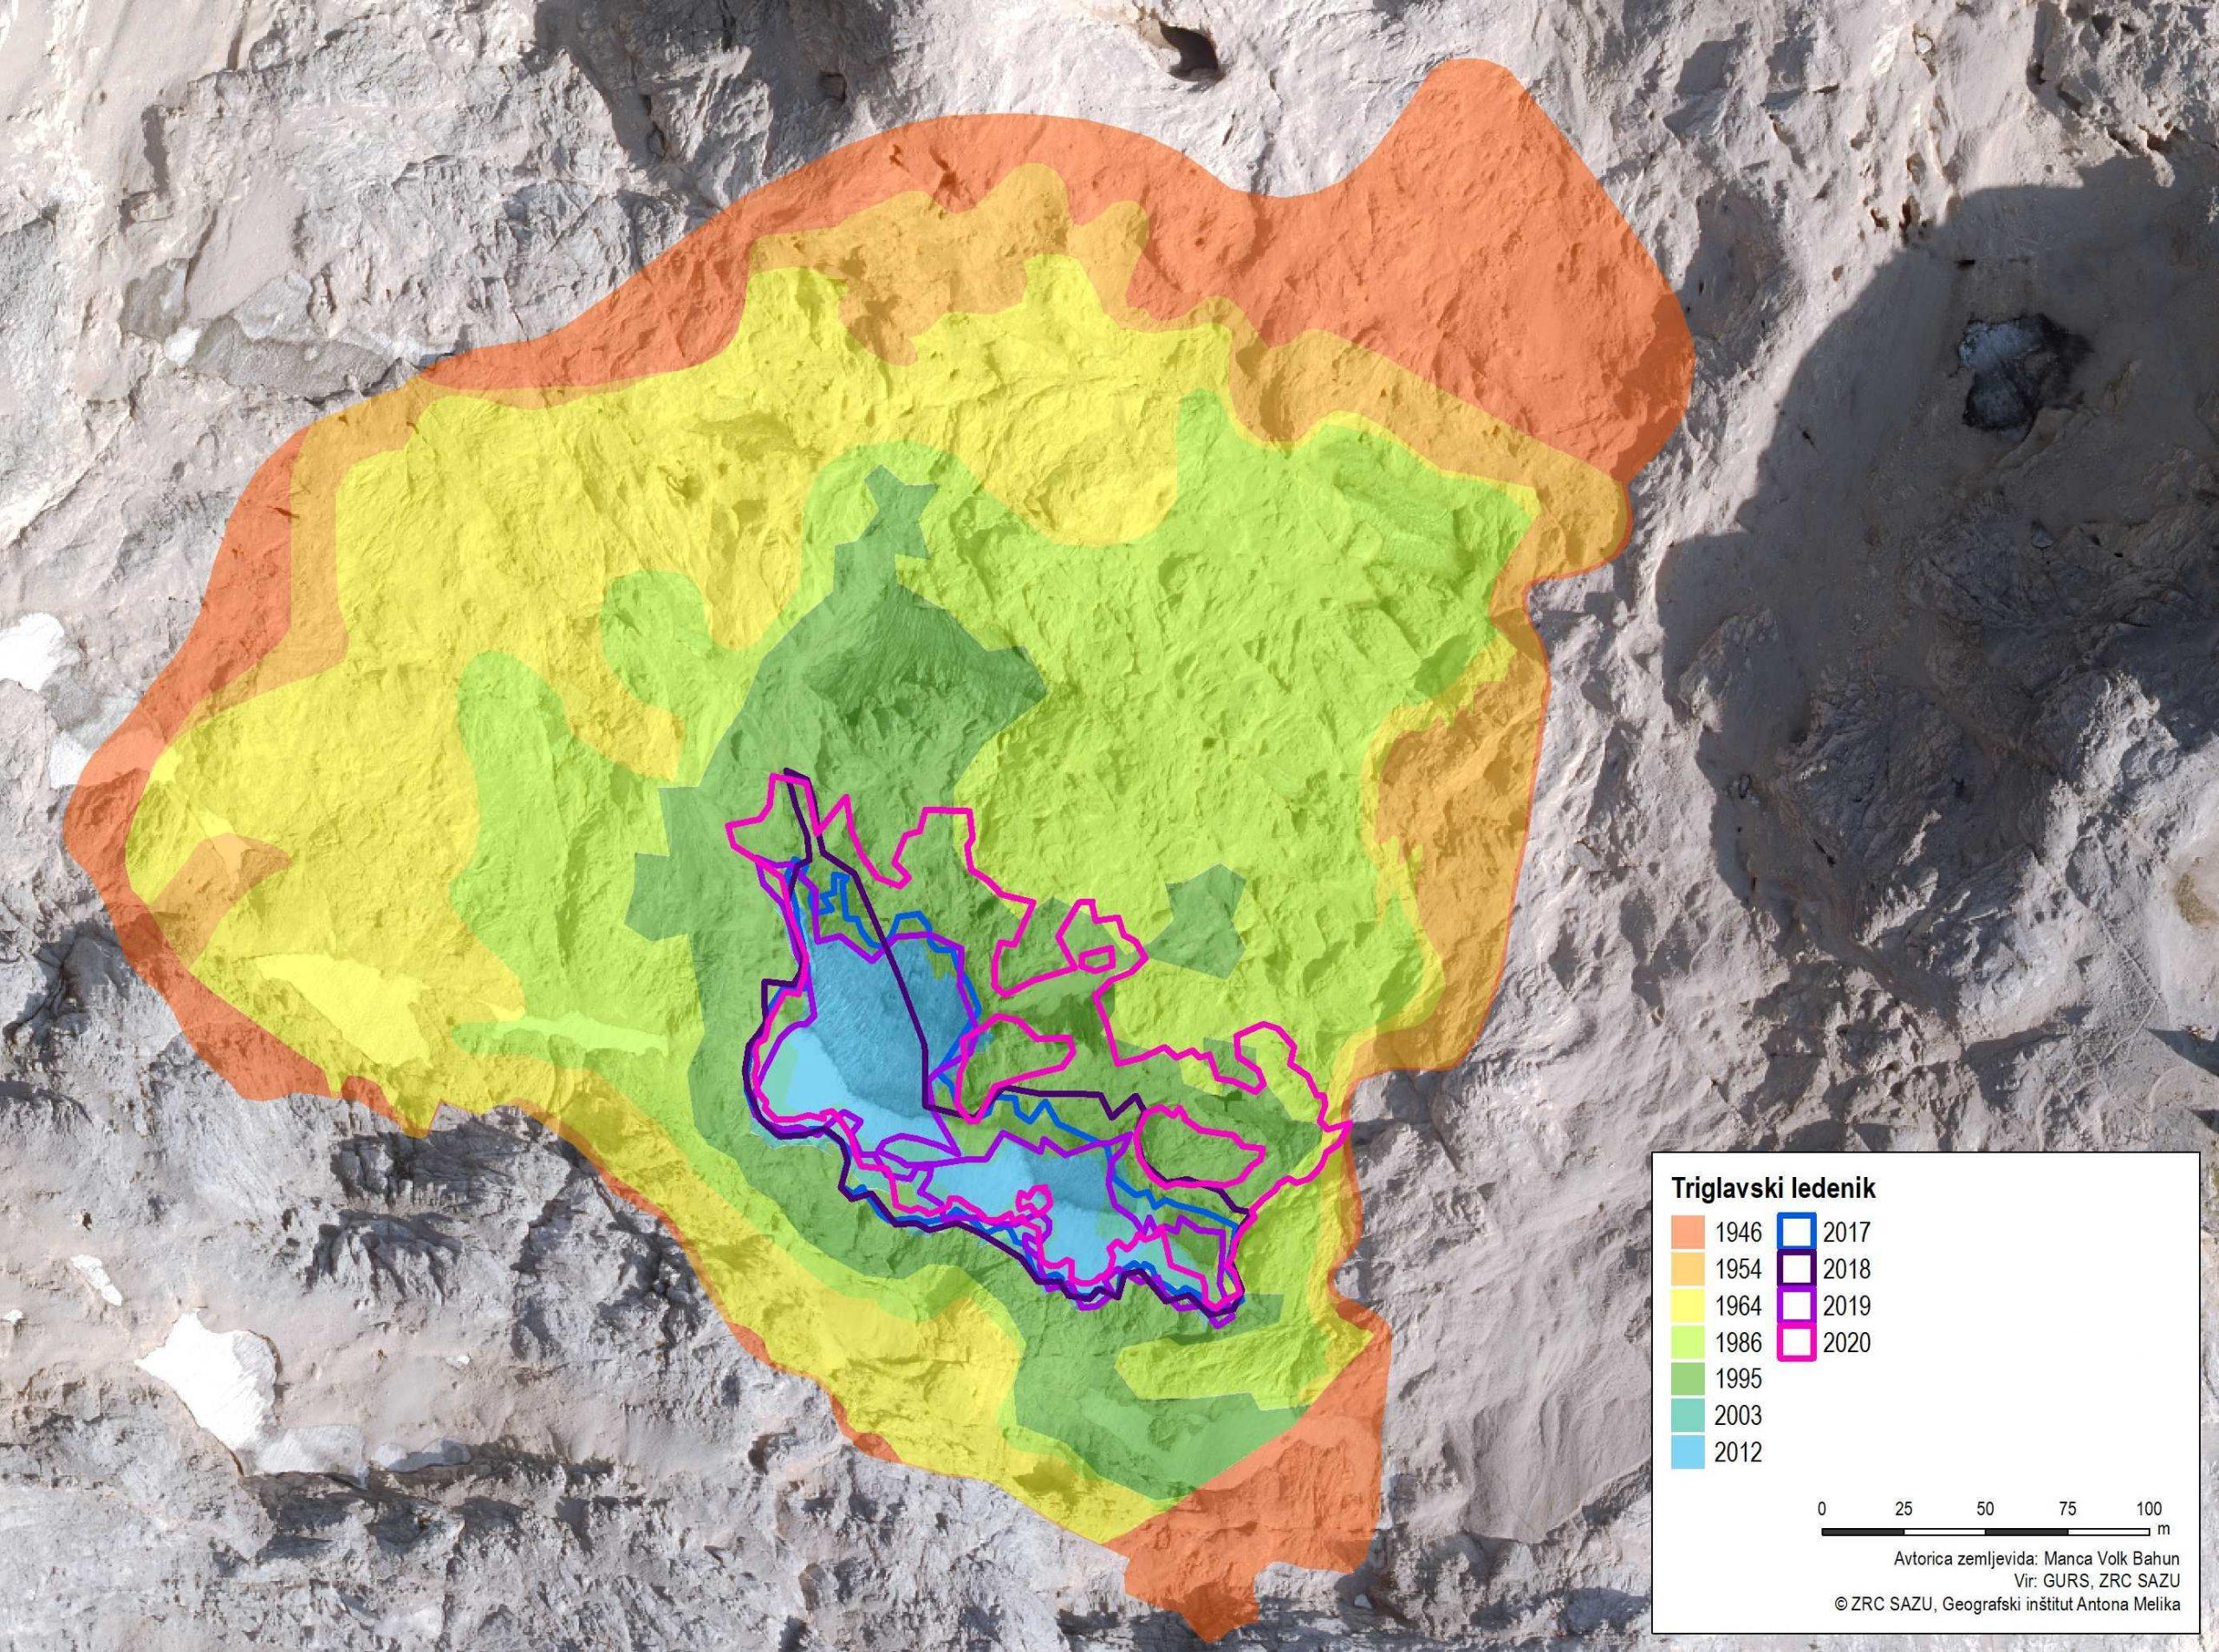 Površina Triglavskega ledenika